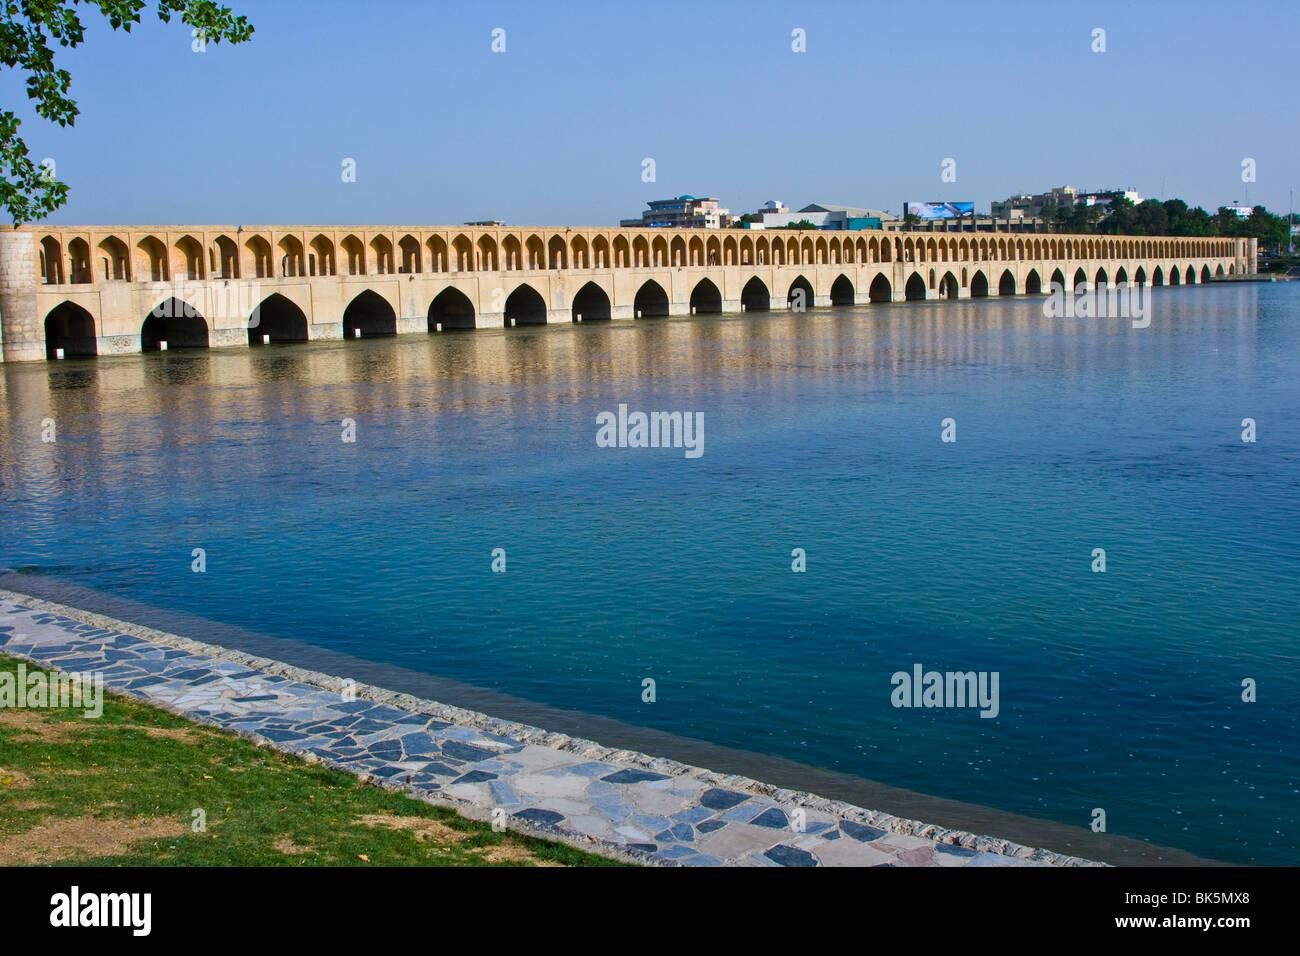 Si-O-se Bridge o Puente de los 33 arcos en Isfahán Irán Imagen De Stock